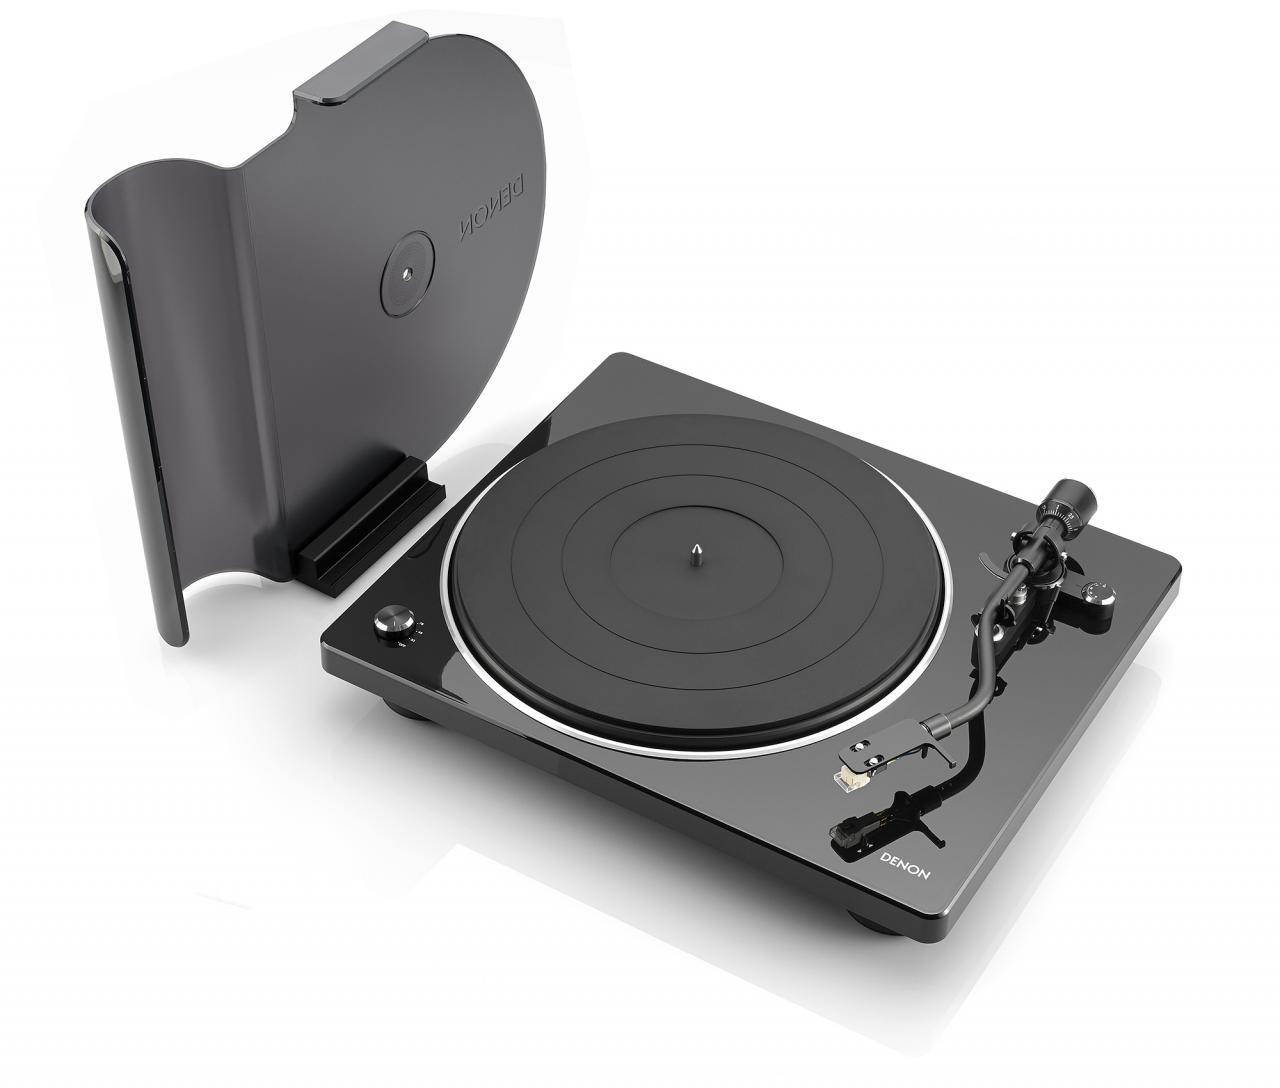 新品 | Denon新款黑胶唱片播放机,让高品质音乐回放变得如此简单